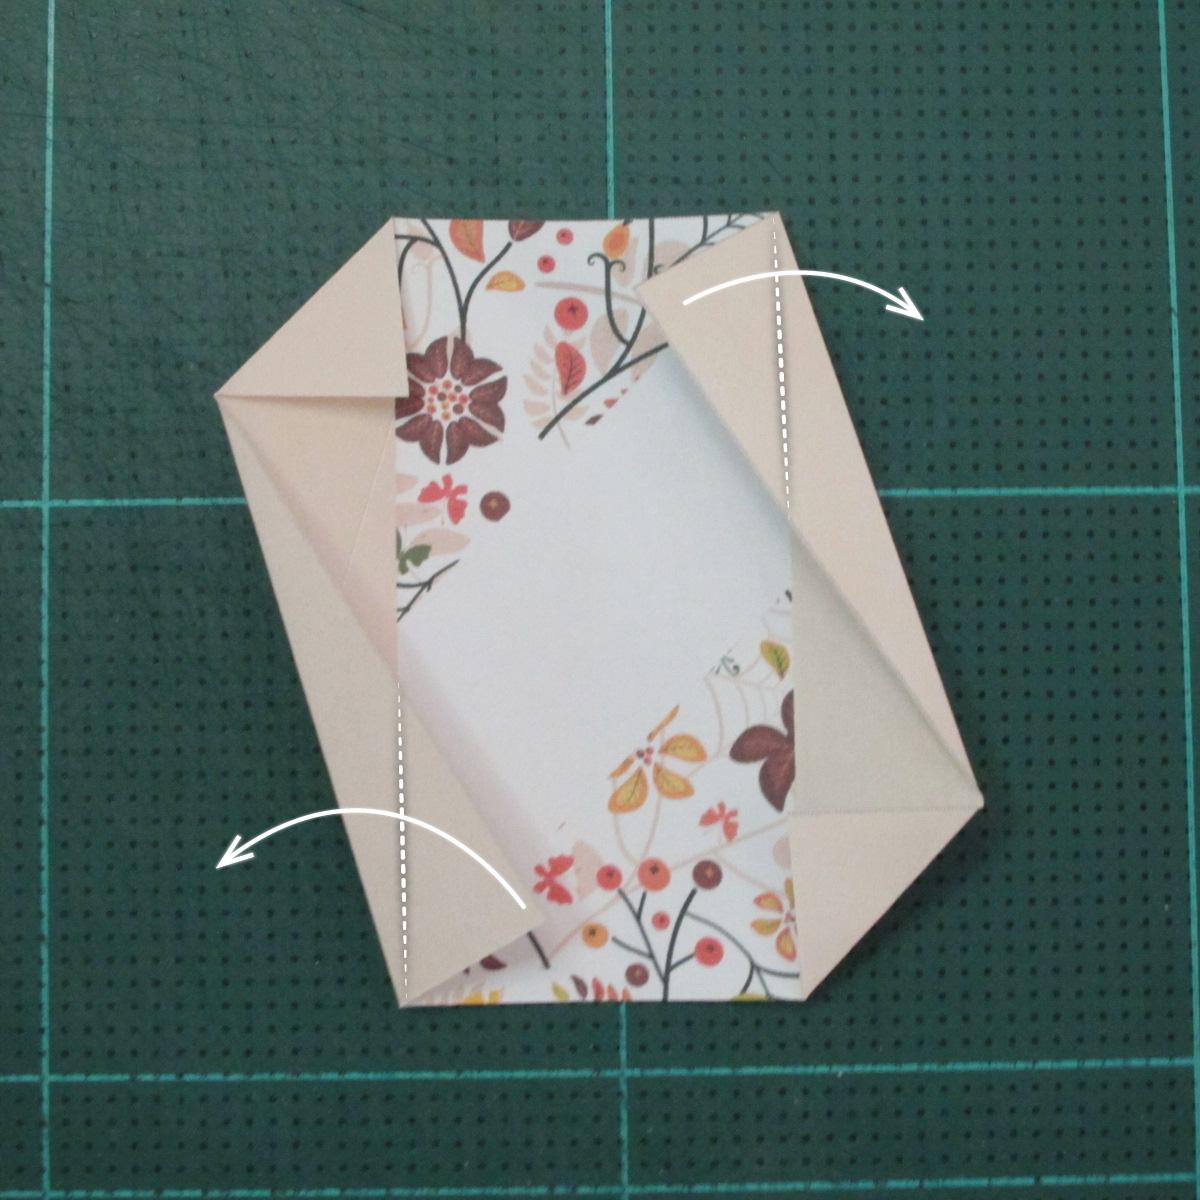 วิธีการพับลูกบอลกระดาษญี่ปุ่นแบบโคลเวอร์ (Clover Kusudama)004